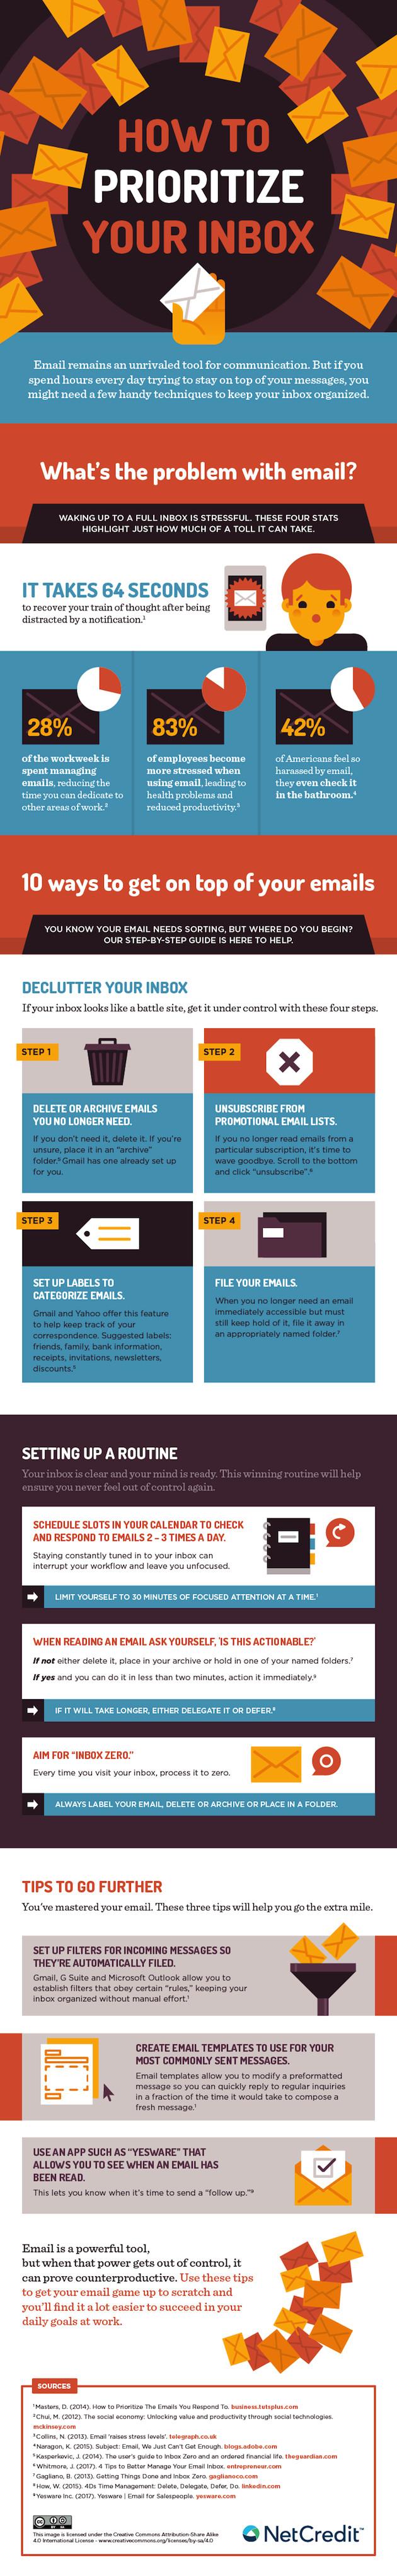 how to prioritizi your inbox